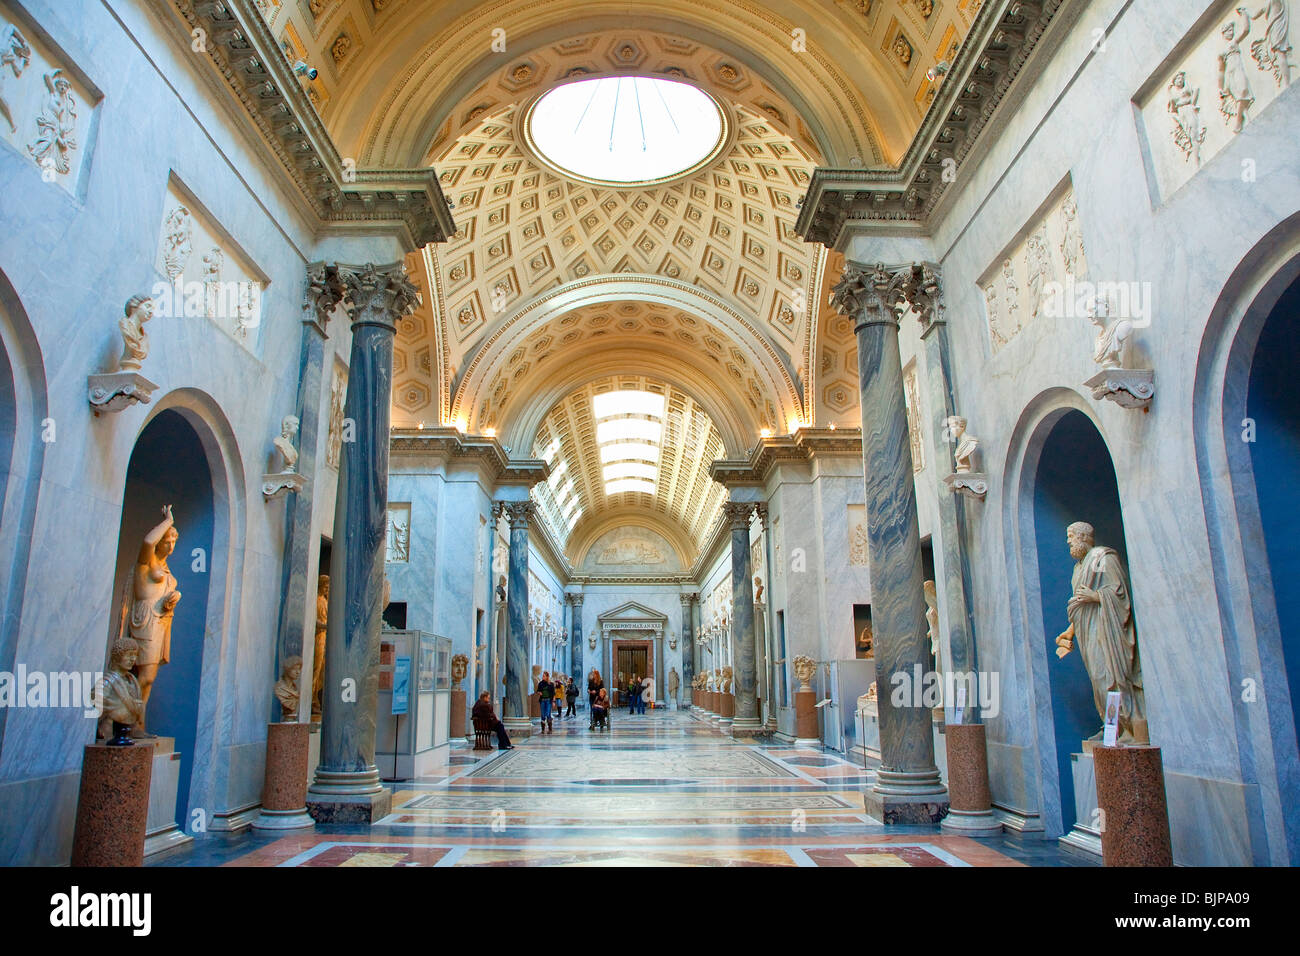 Rome, Vatican City, Vatican Museums, Braccio Nuovo of the Chiaramonti Museum - Stock Image